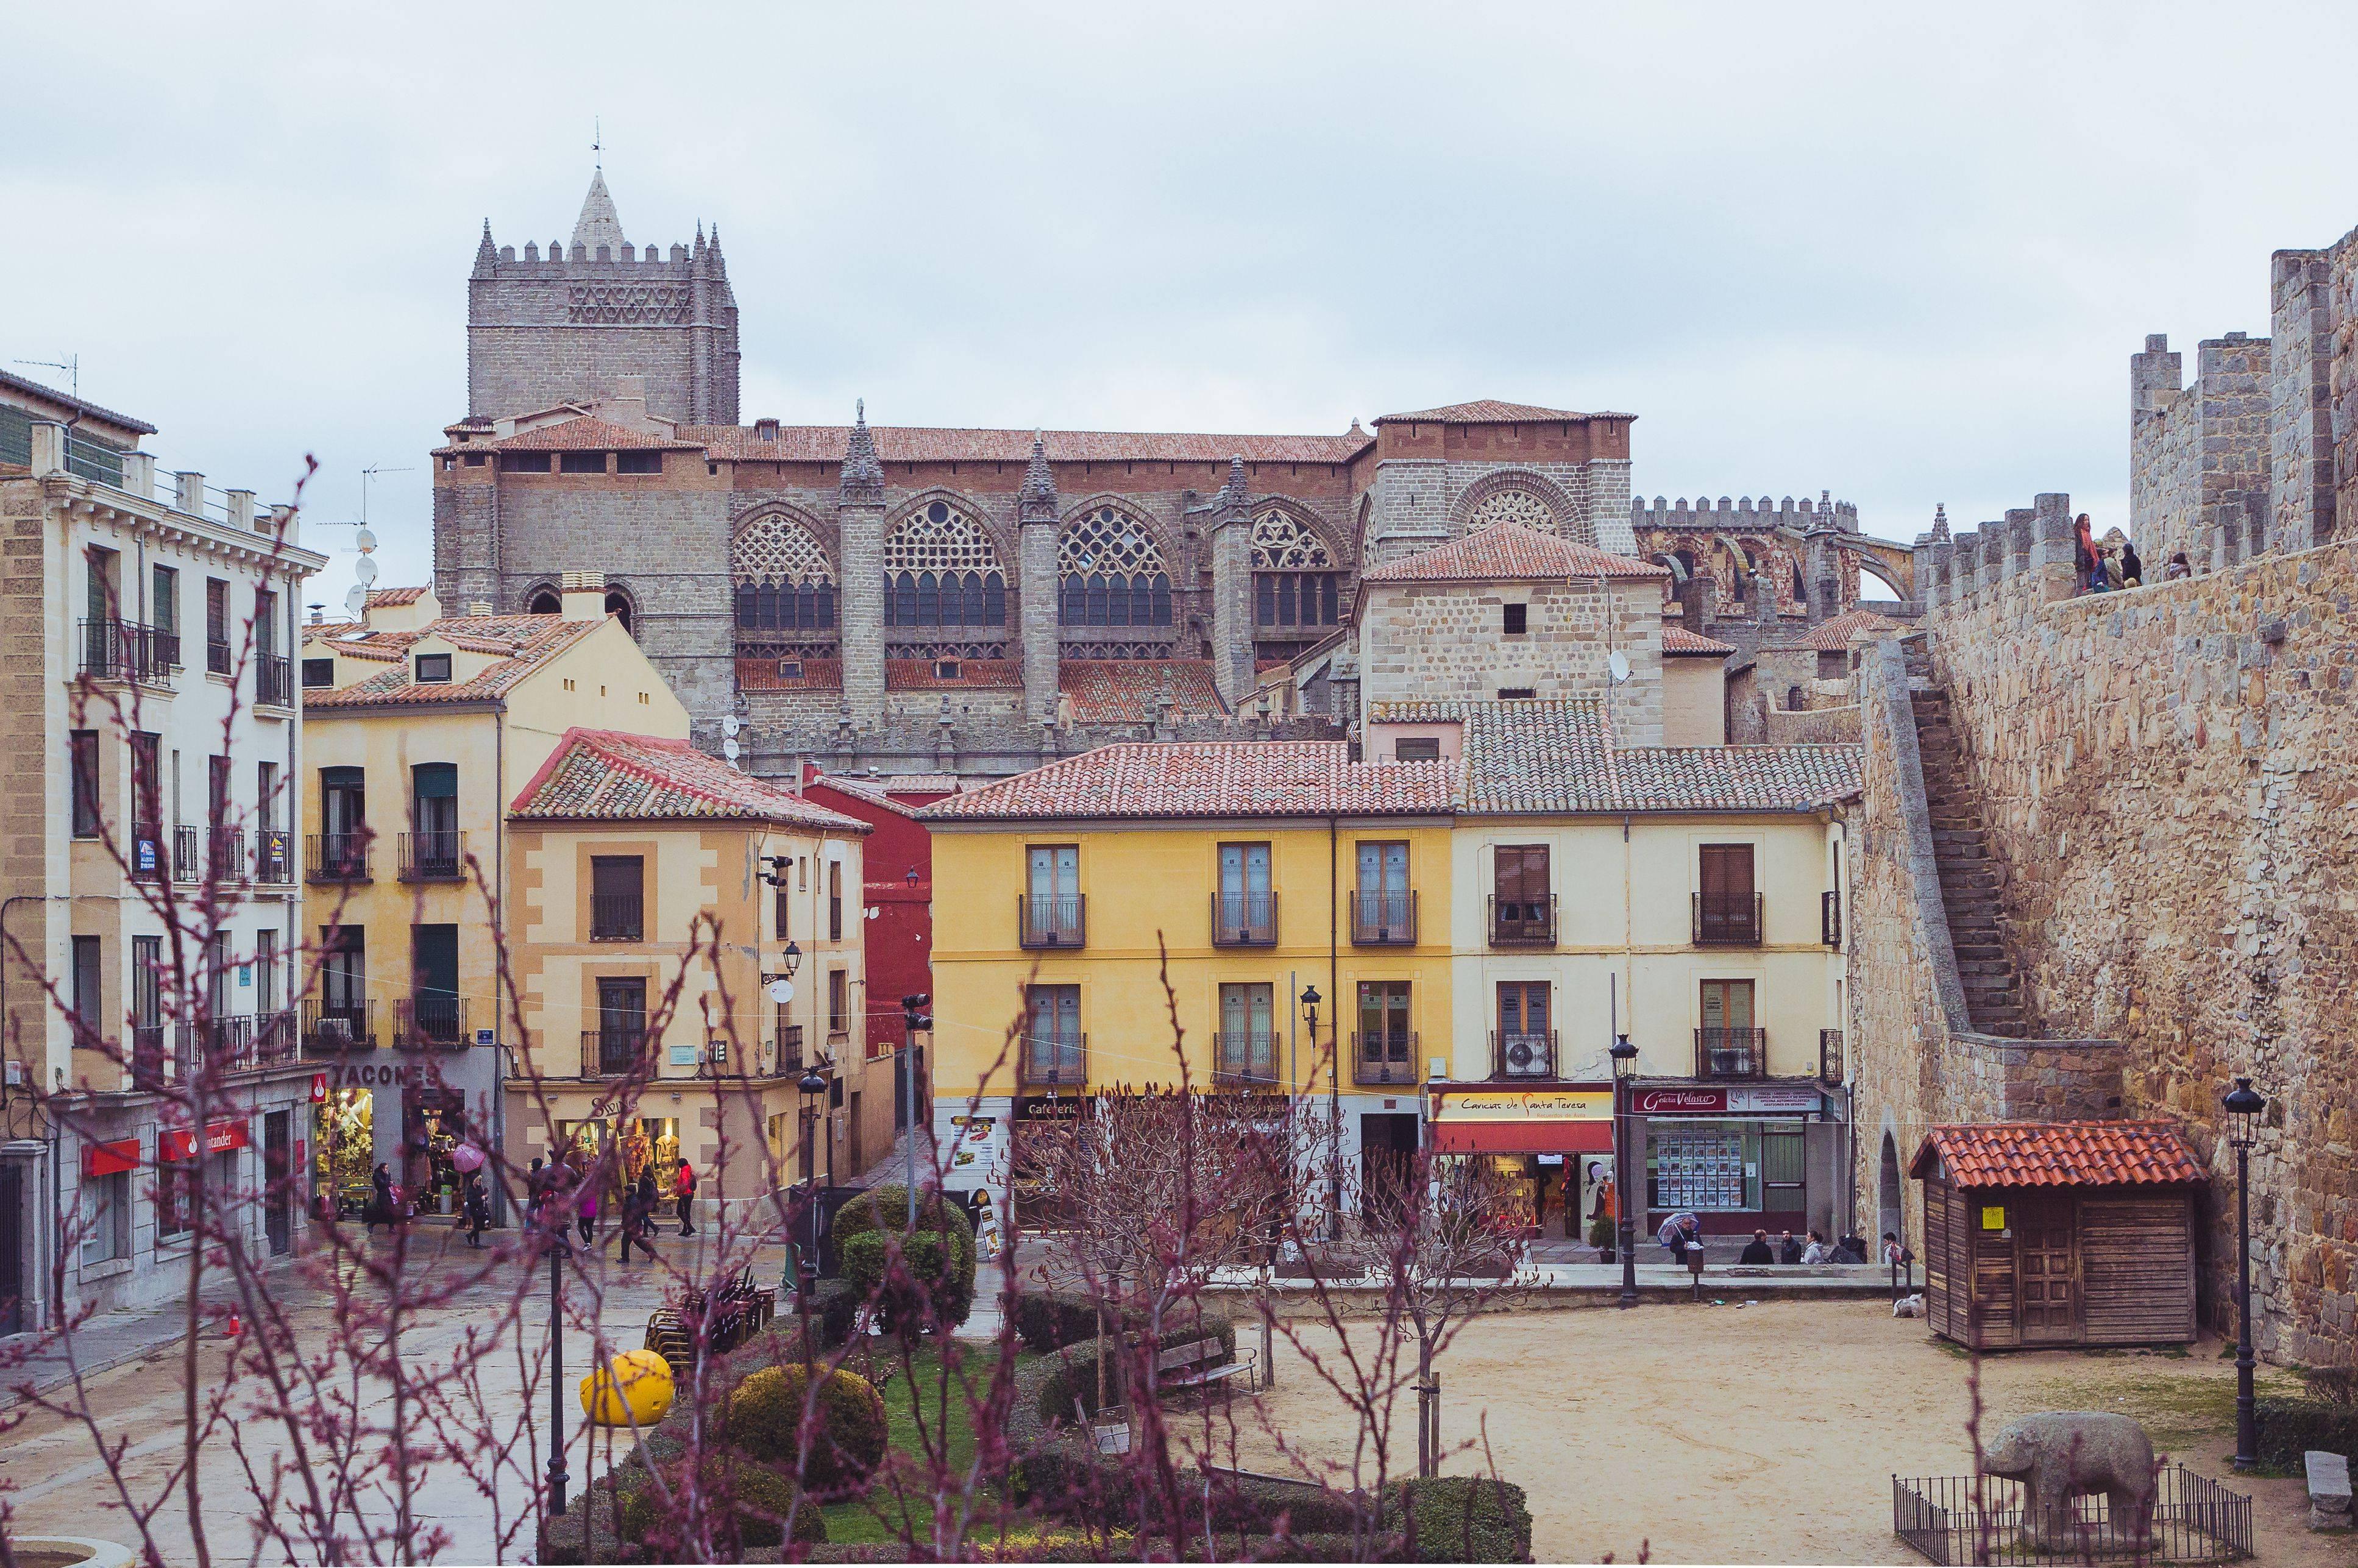 Толедо в испании: 18 самых интересных мест и достопримечательностей. отзывы туристов – 2021